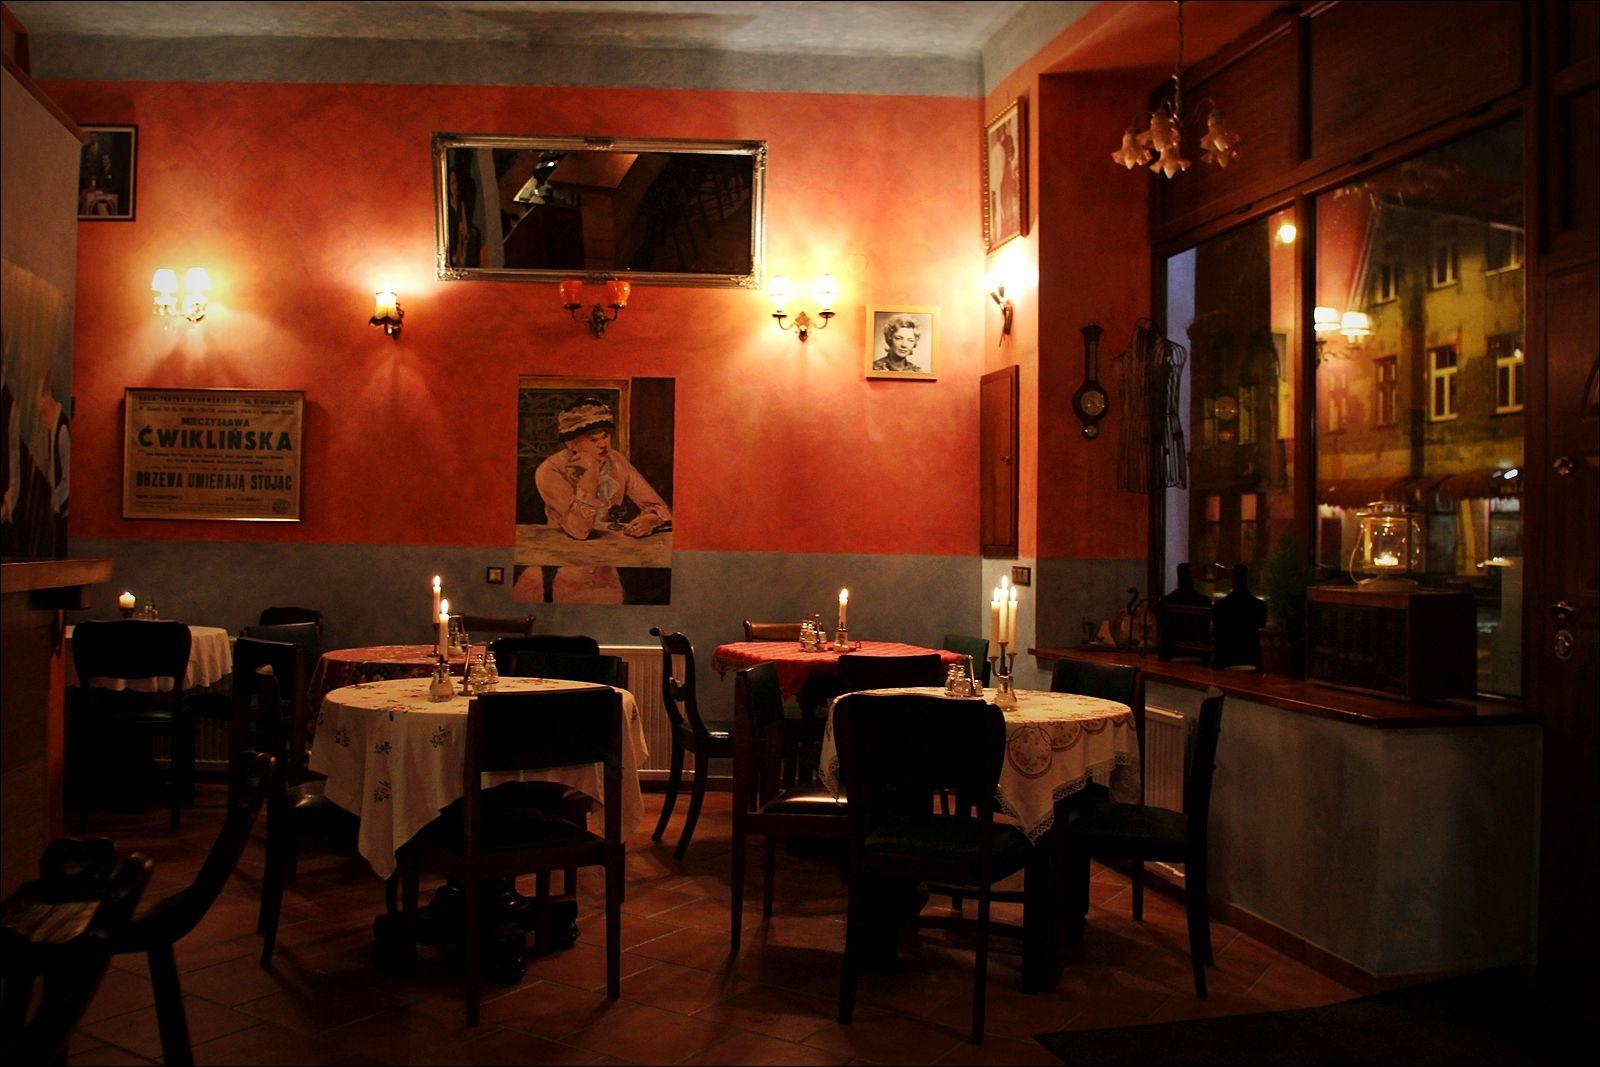 Restauracja Szynk Praski